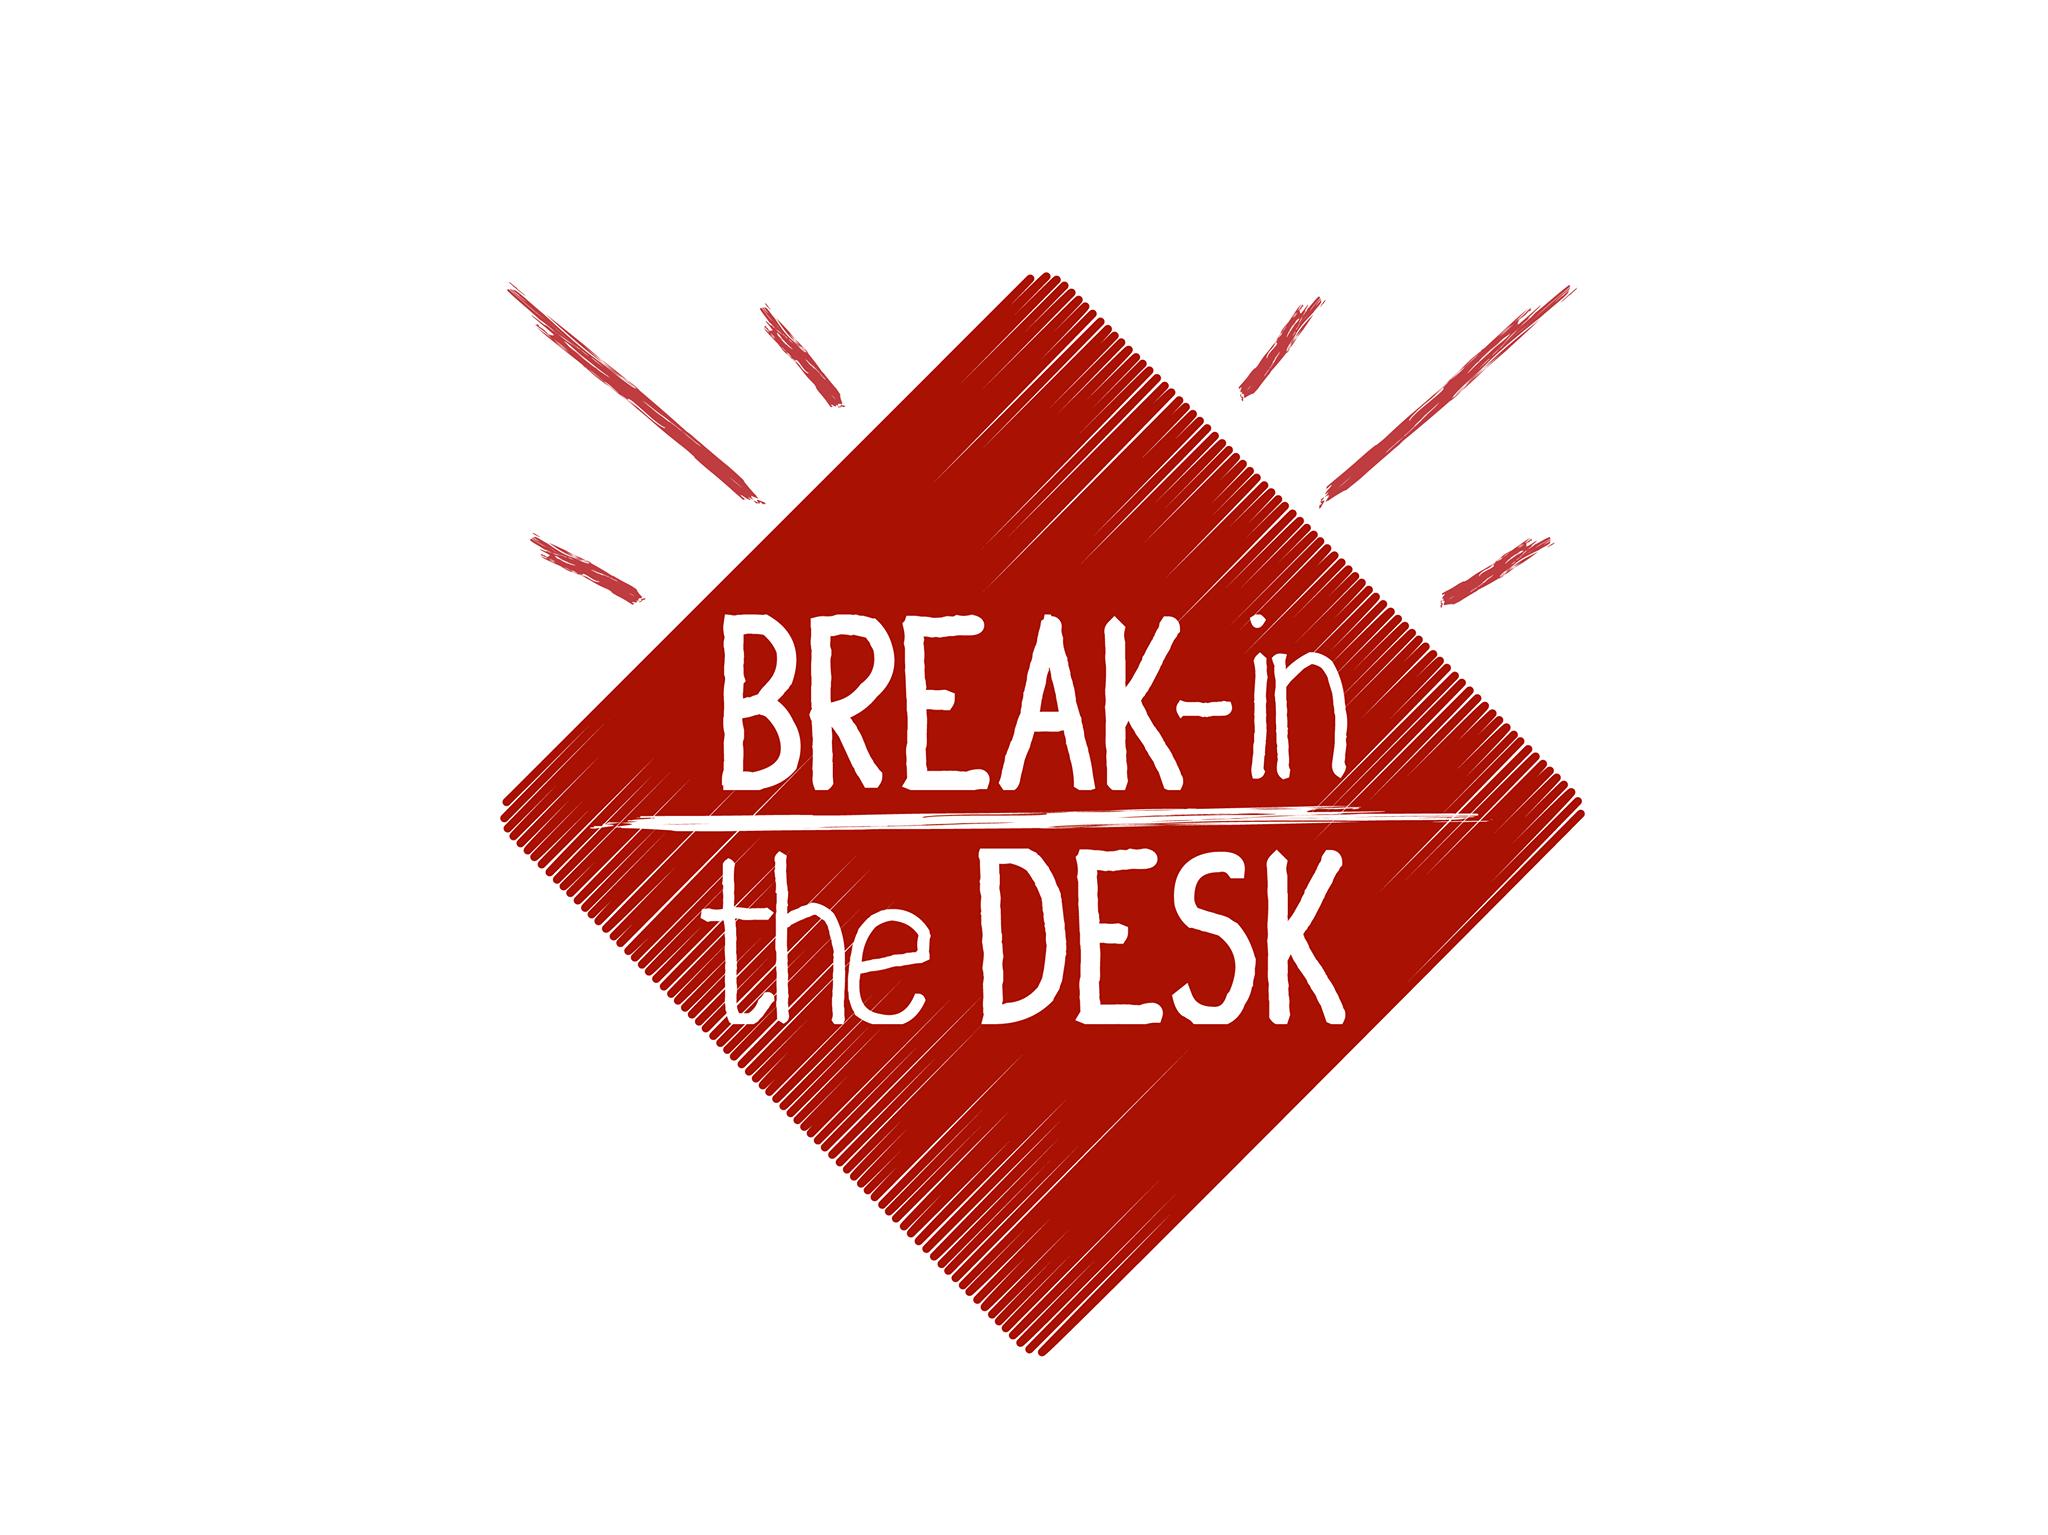 Break In The Desk